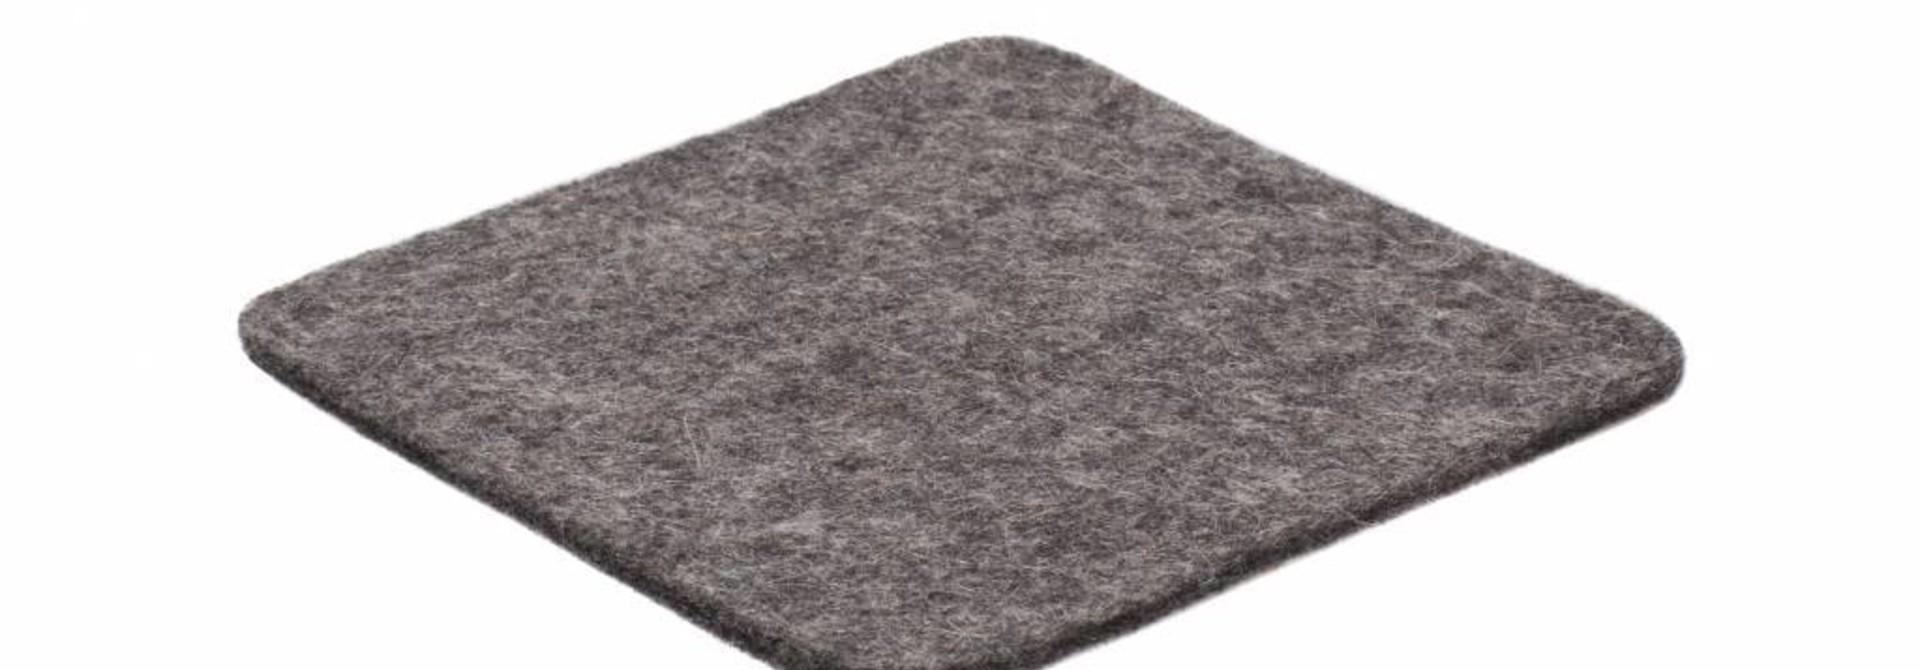 Grey felt coaster